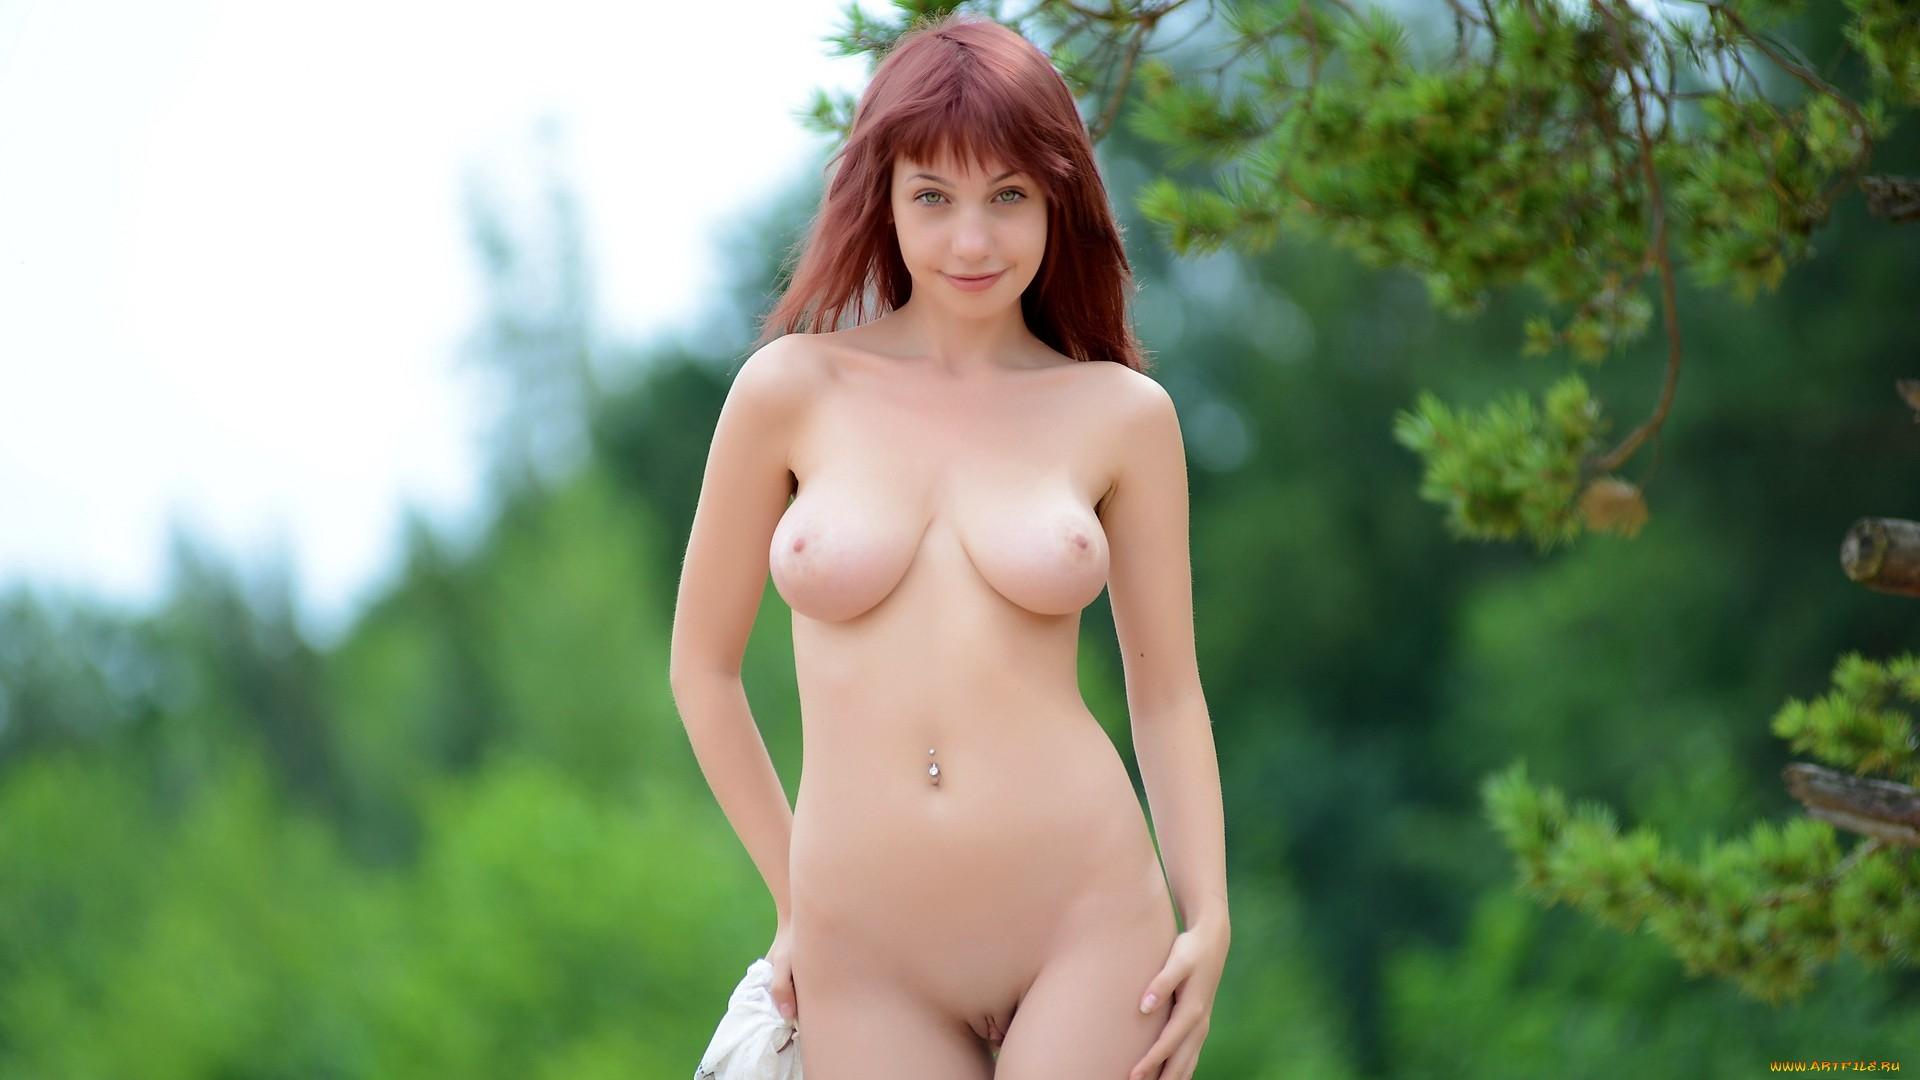 мне чем фотосессии голых девушек высокого разрешения ранее, изображения членов